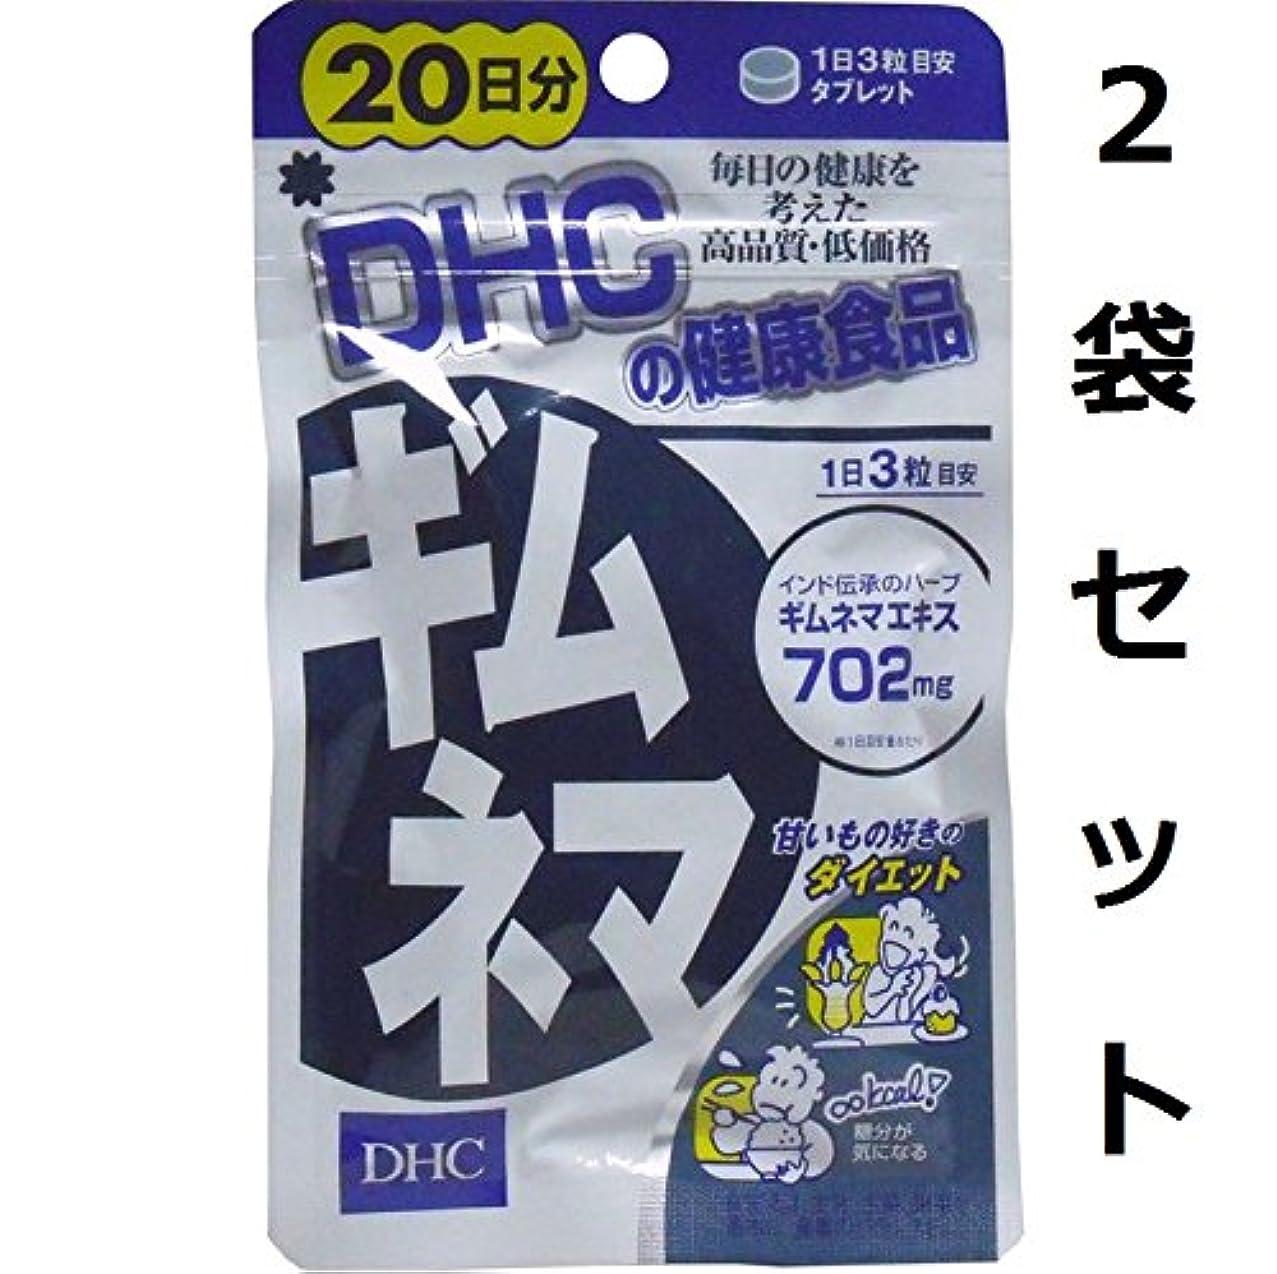 パトロール毛皮組み込む大好きな「甘いもの」をムダ肉にしない DHC ギムネマ 20日分 60粒 2袋セット